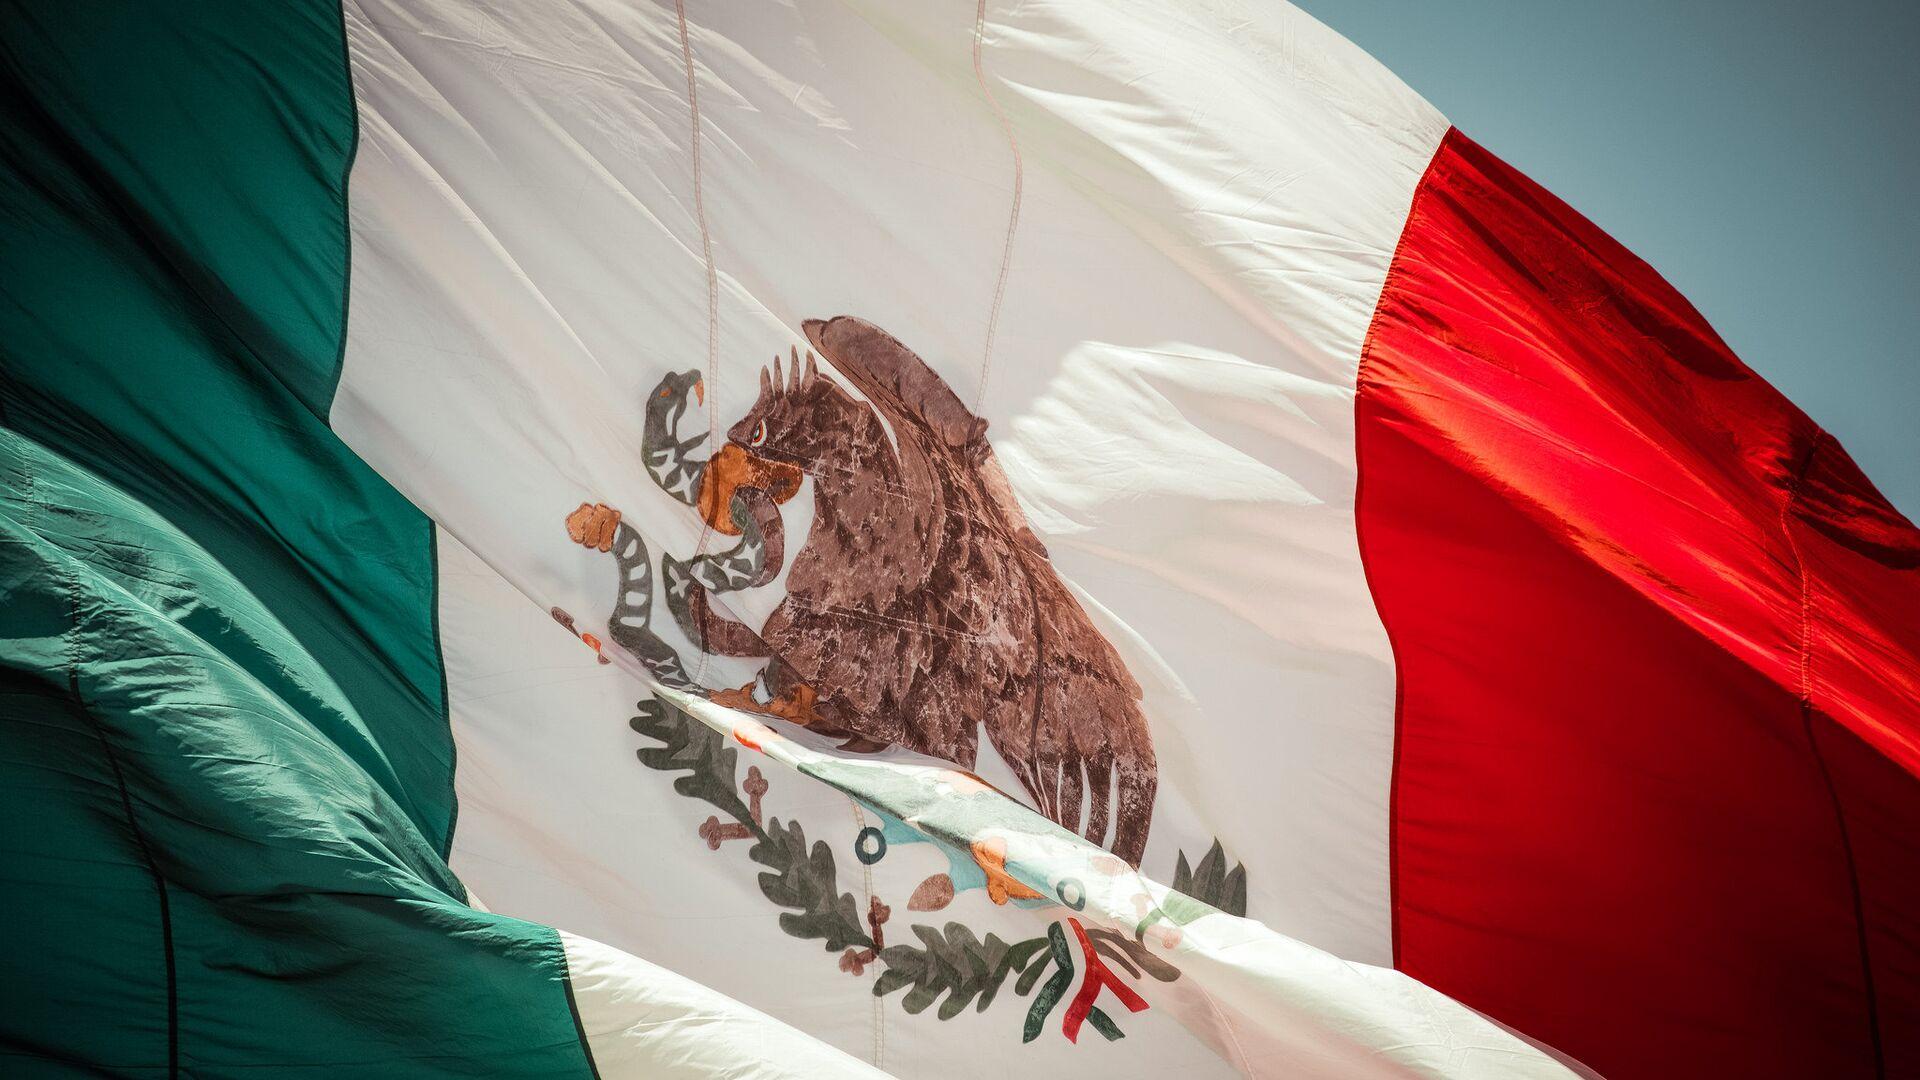 Bandera de México - Sputnik Mundo, 1920, 19.08.2021